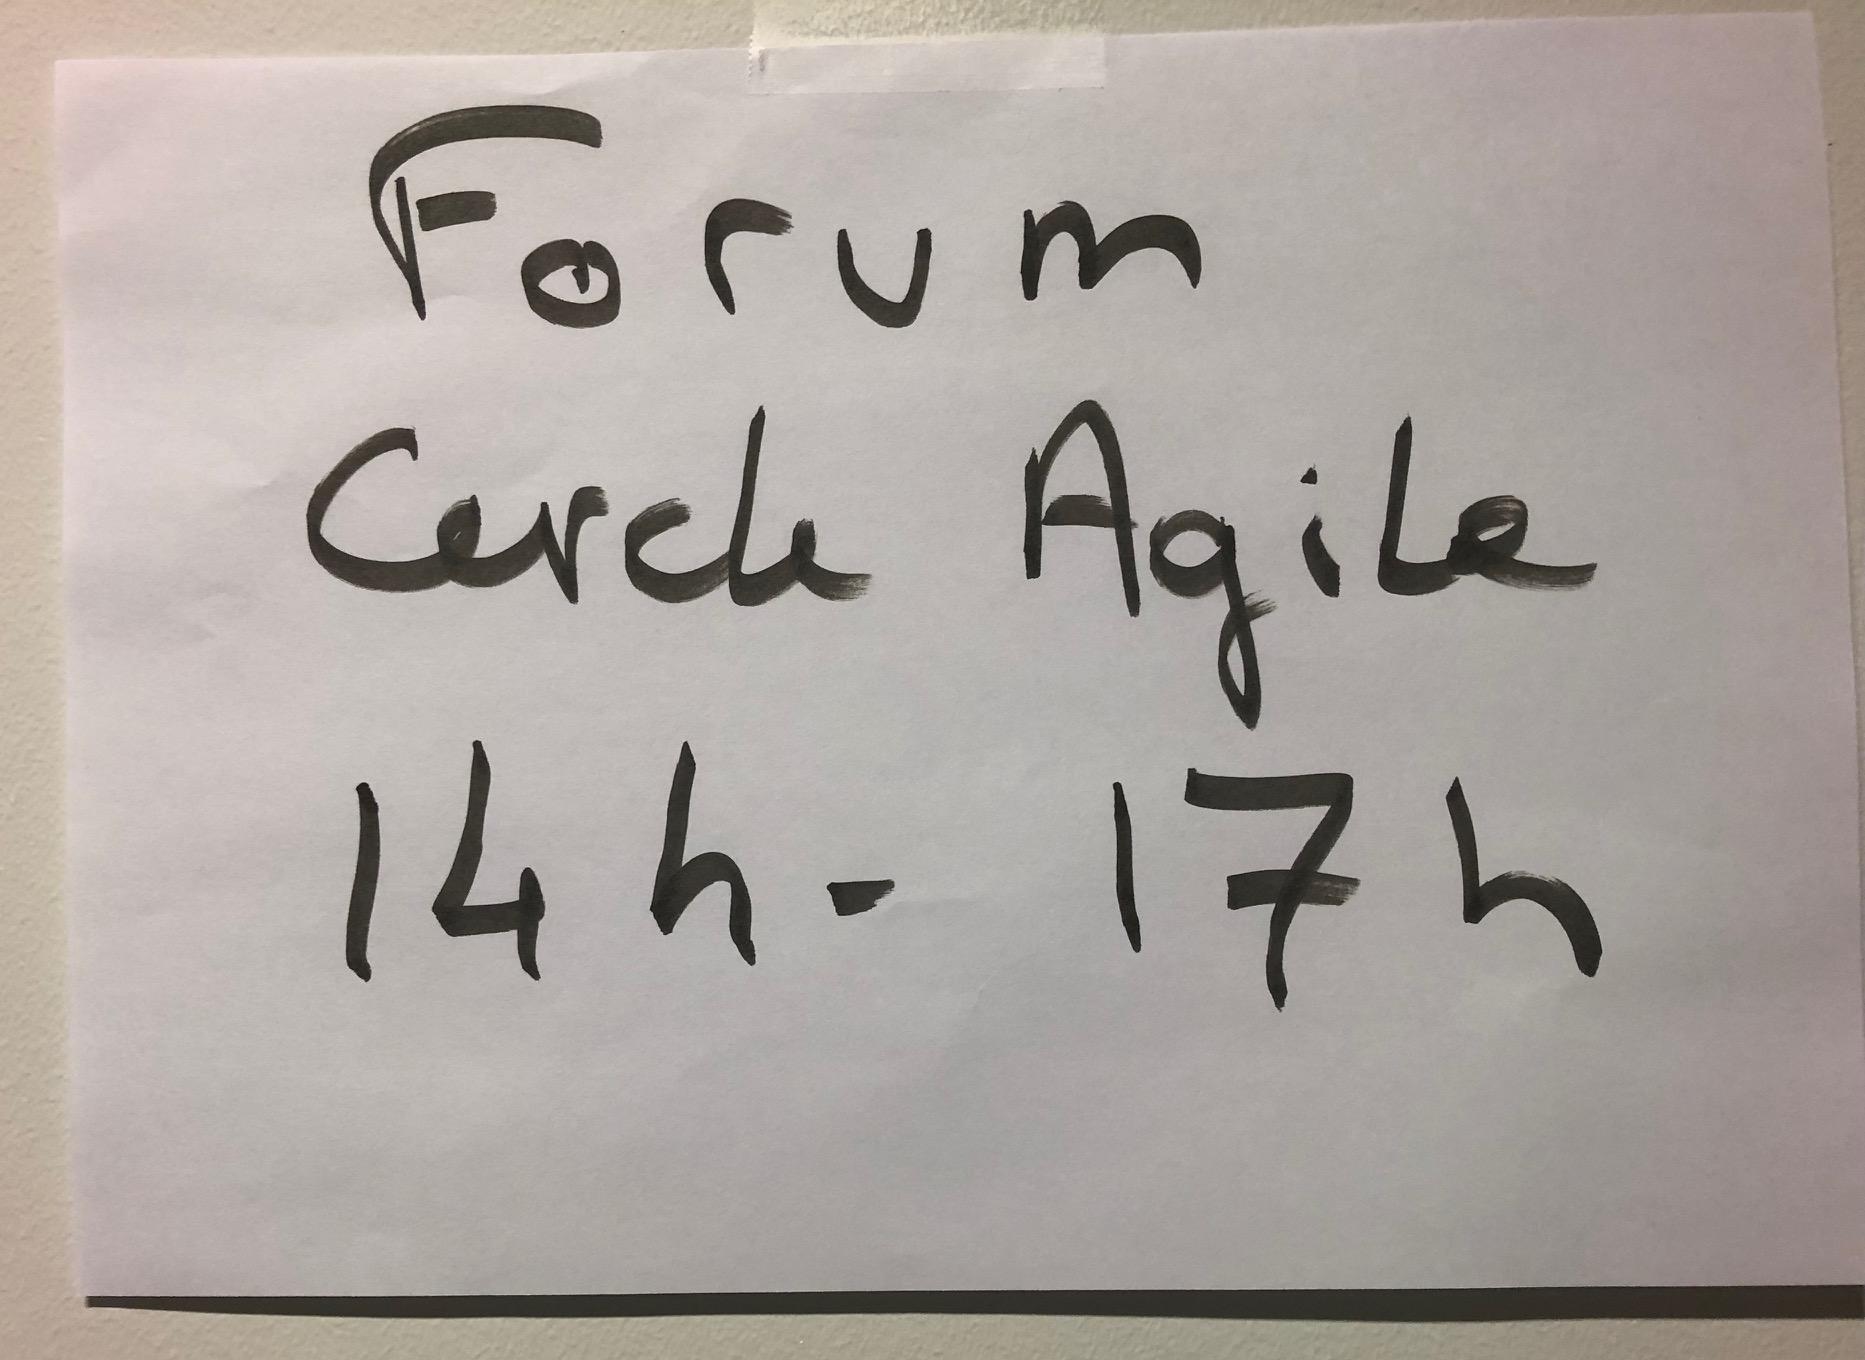 Forum Cercle Agile